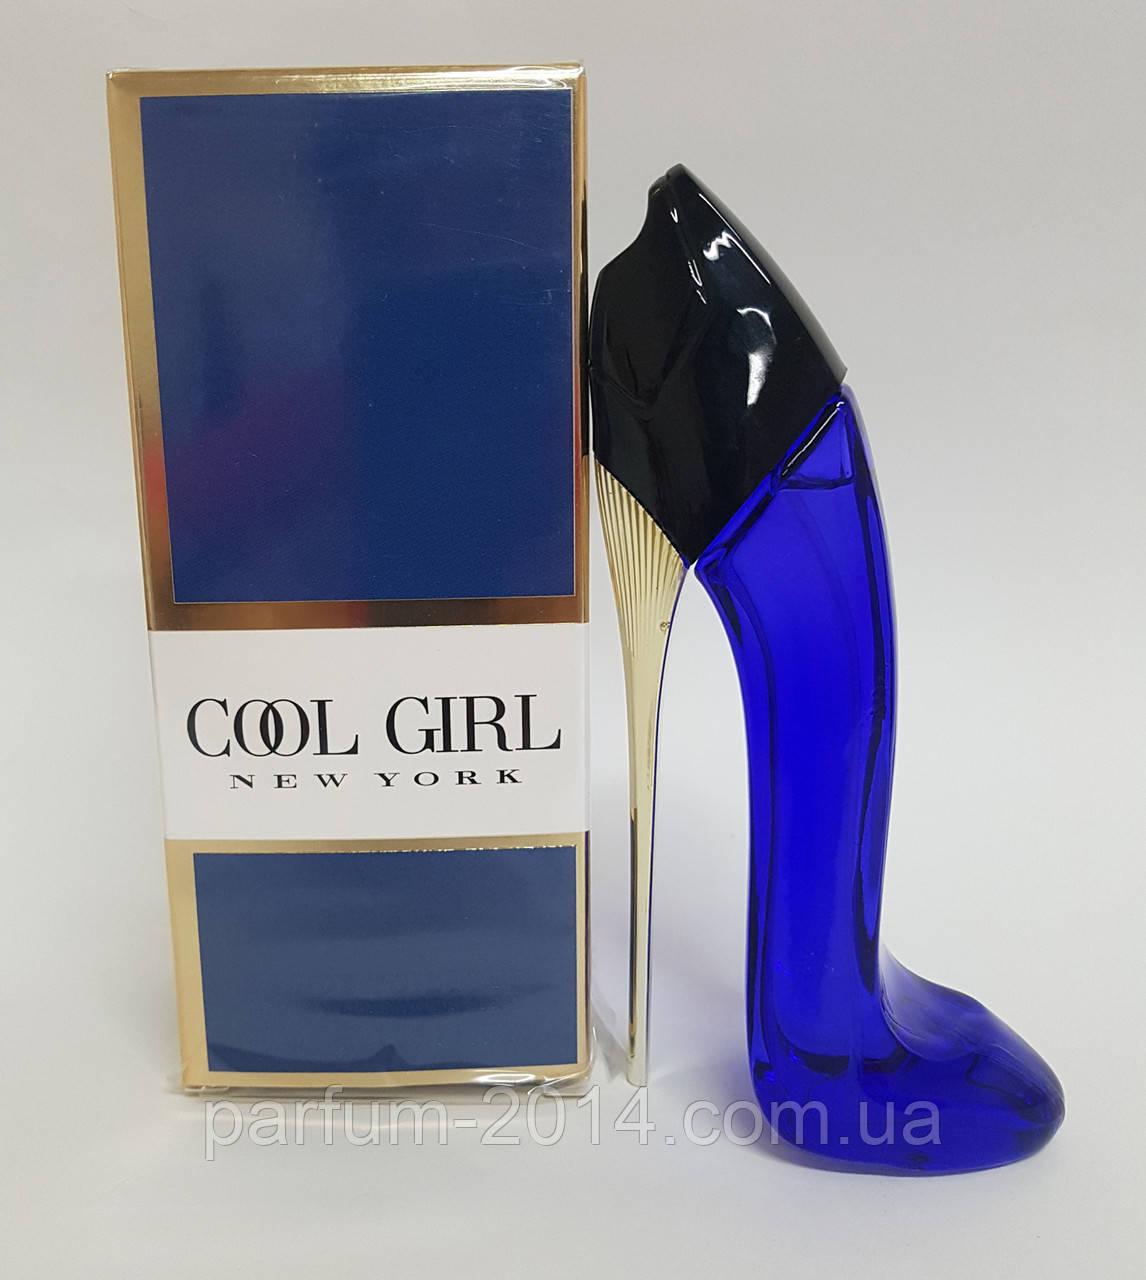 Мини парфюм Cool Girl Blue 40 ml (реплика)